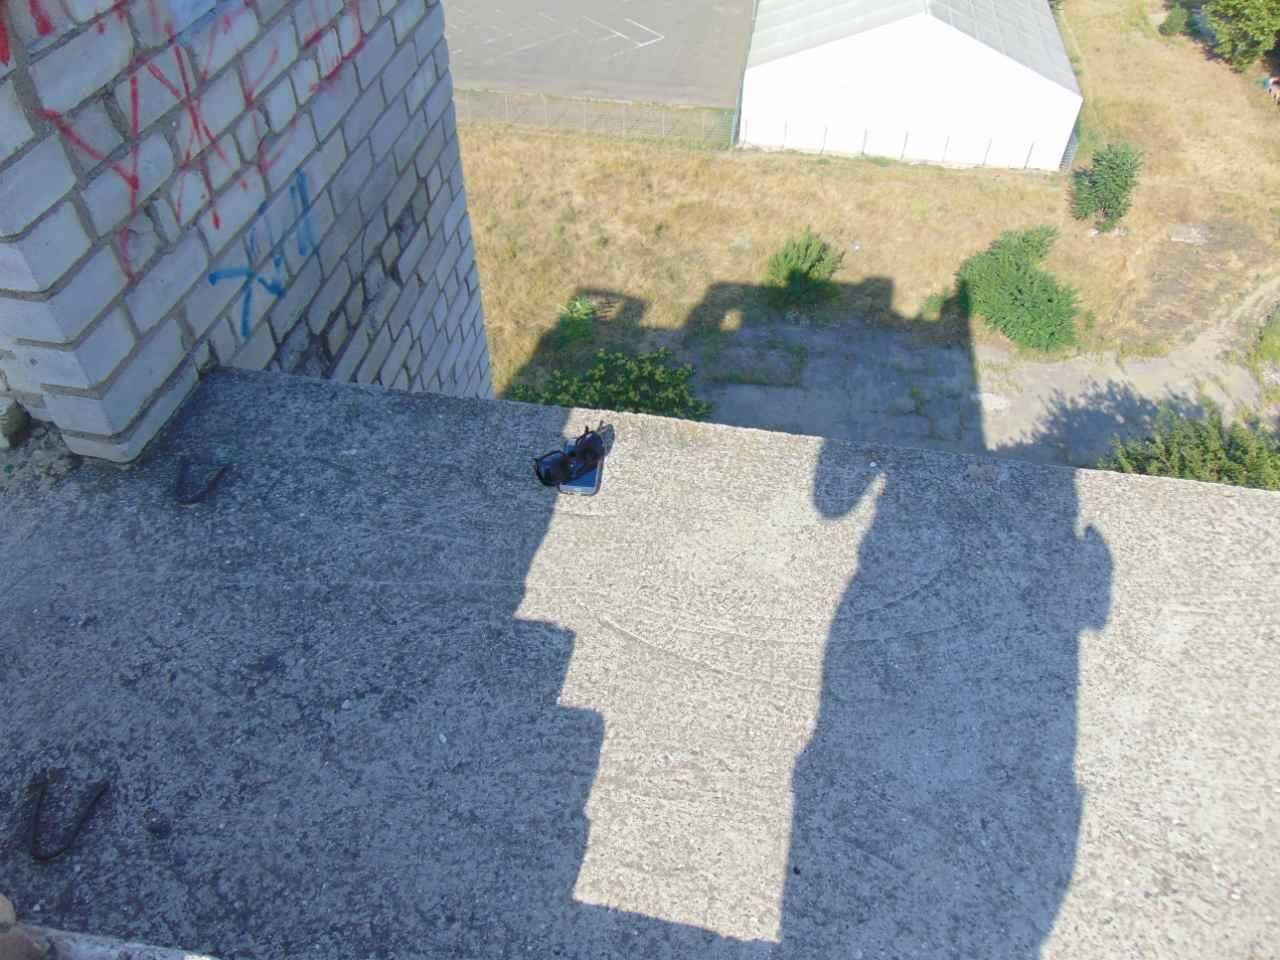 Трагедия в Николаеве. Узнав о самоубийстве возлюбленного, девушка прыгнула с крыши дома